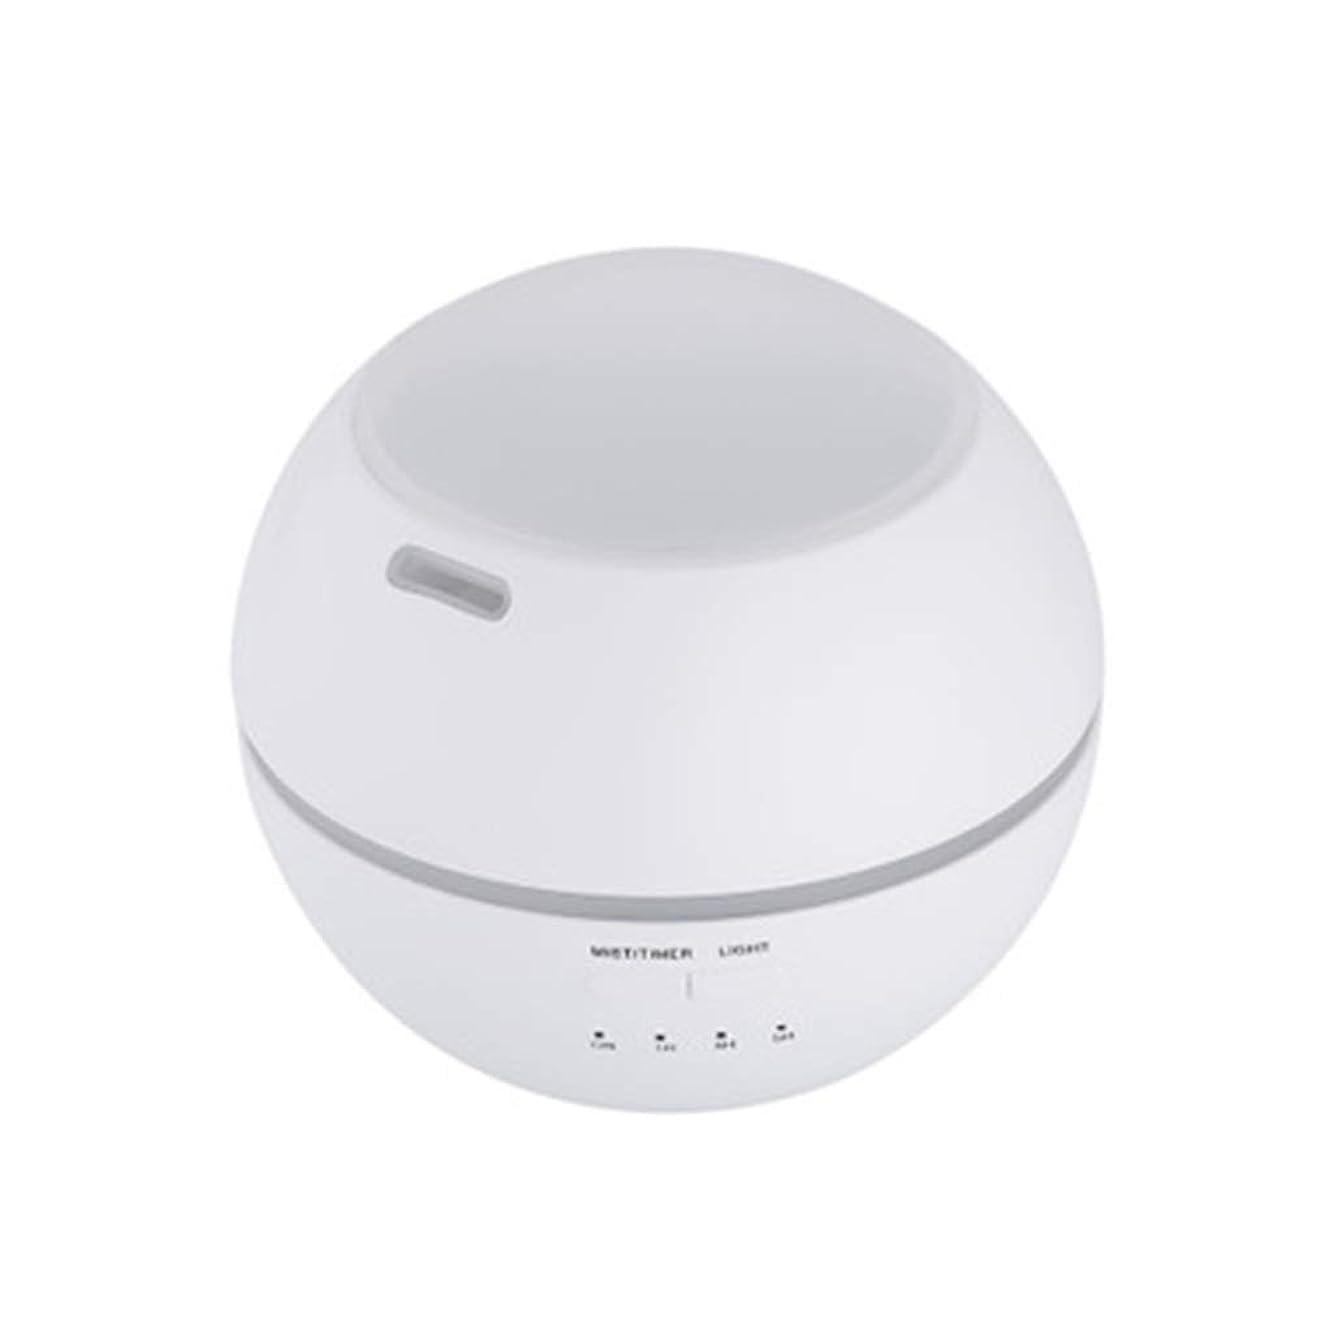 不平を言う実験室海洋マルチライトマシンクリエイティブ超音波加湿器ランプ家庭用必須ディフューザーギフト (Color : White)